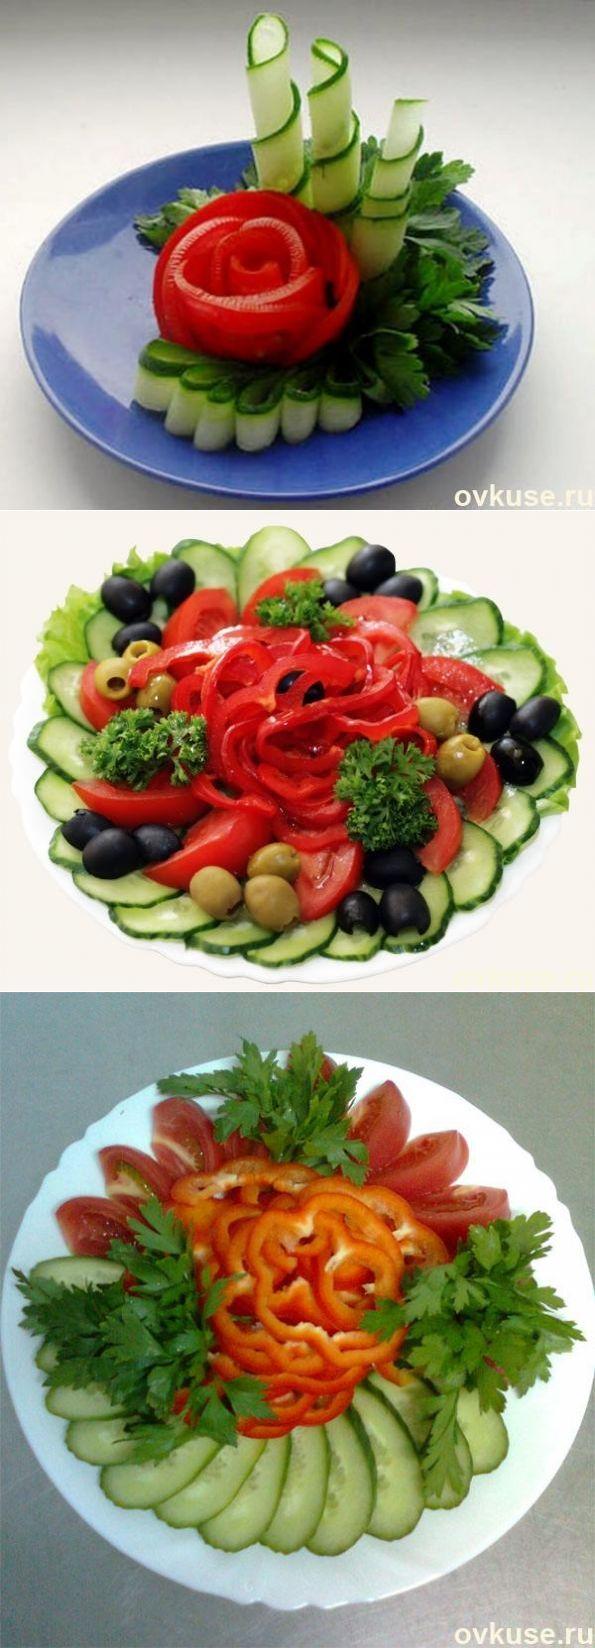 Как красиво украсить блюда,и украшения из фруктов,овощей,кобасных закусок и соленой рыбы.